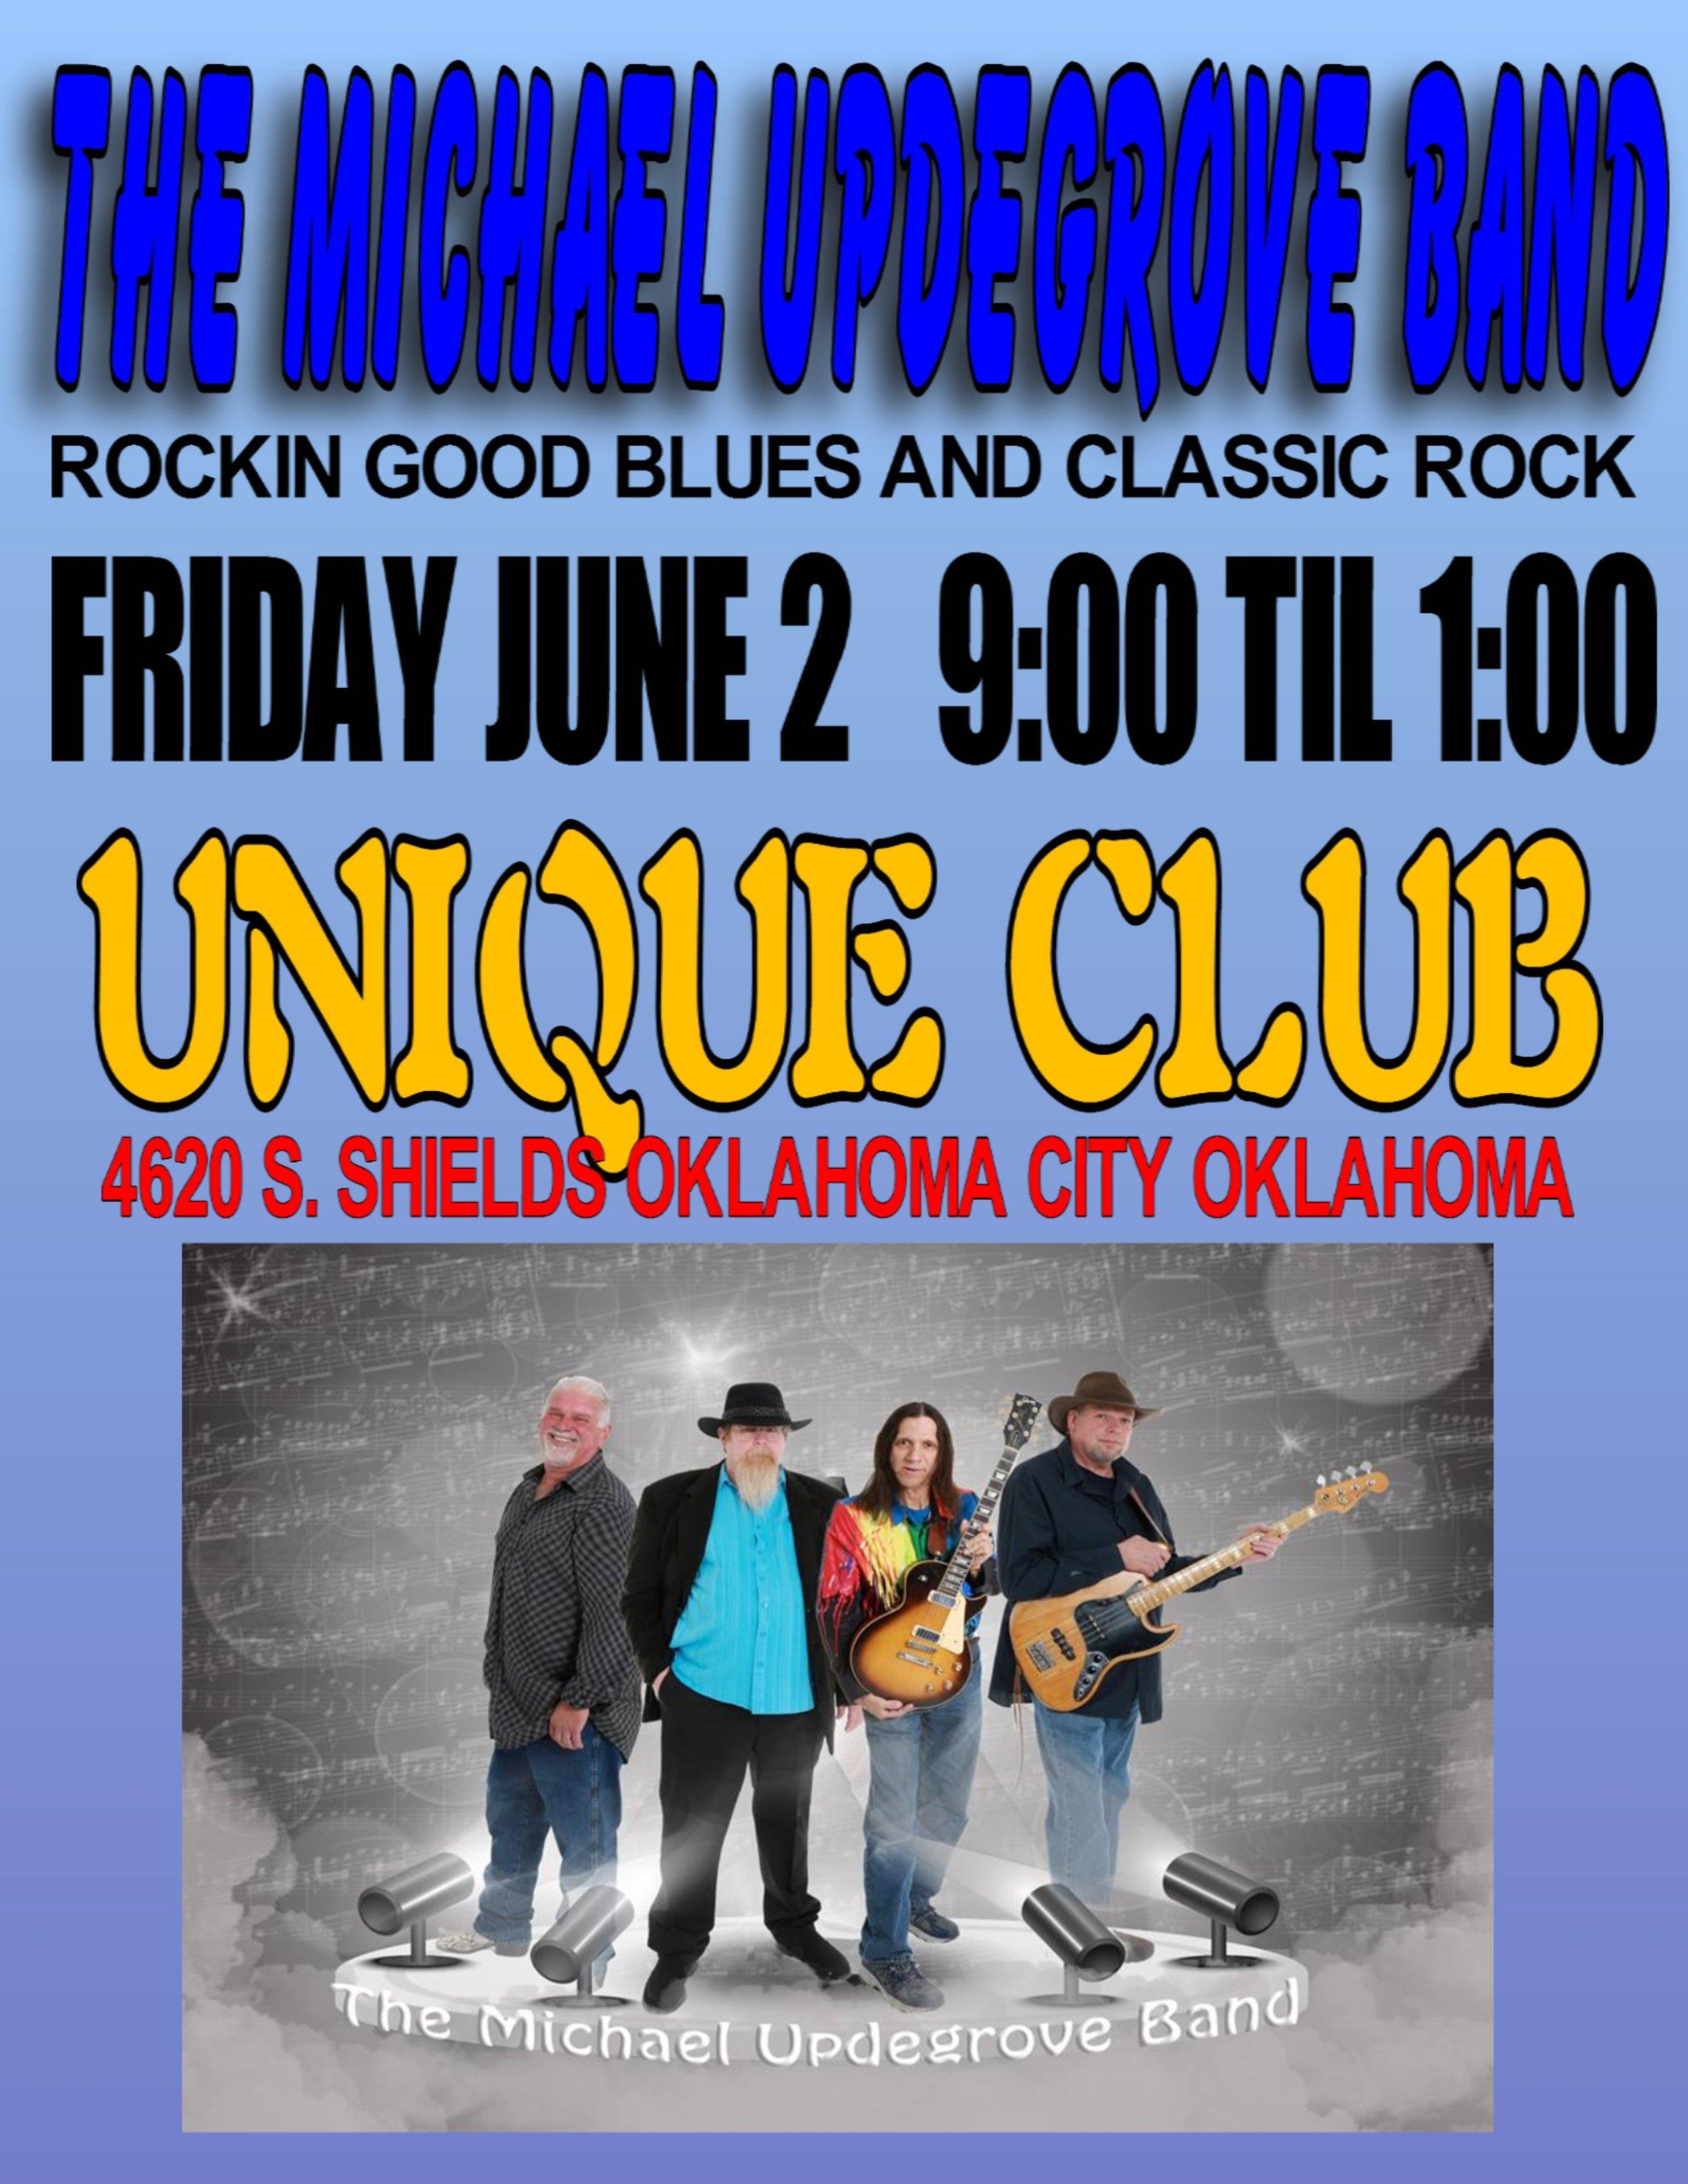 Unique Club June 2017.jpg